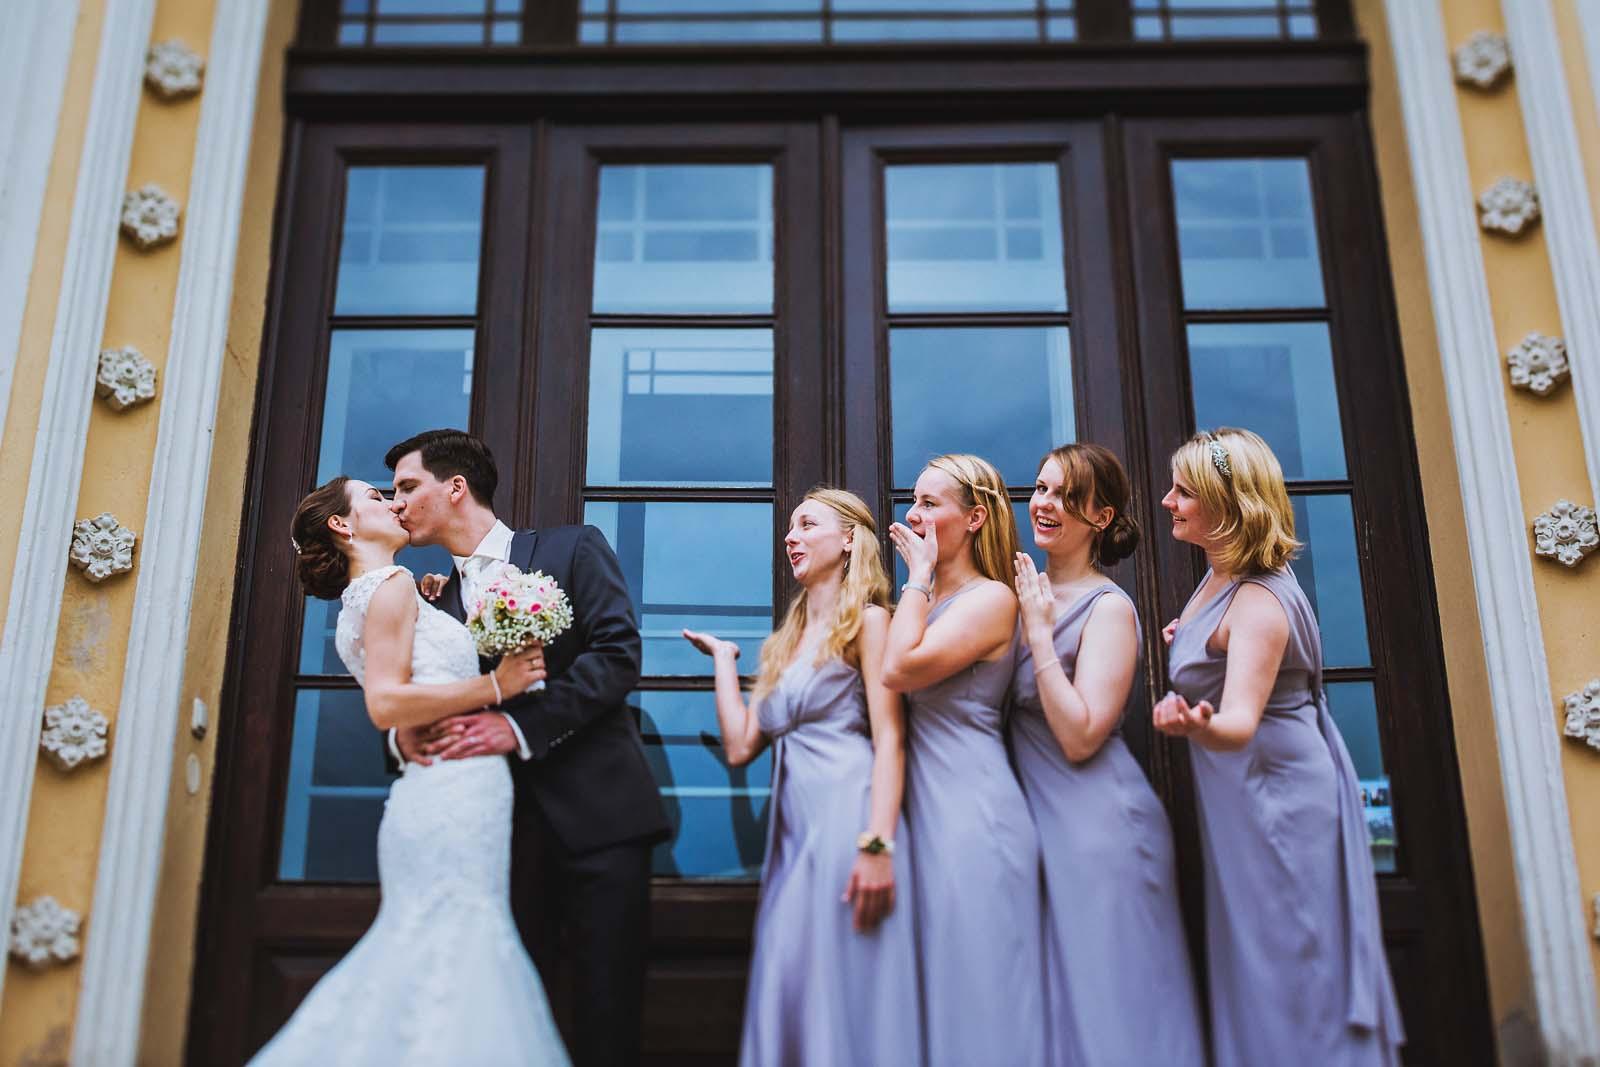 Gruppenfoto vom Brautpaar mit Brautjungefern am Schloss Kroechlendorff Copyright by Hochzeitsfotograf www.berliner-hochzeitsfotografie.de